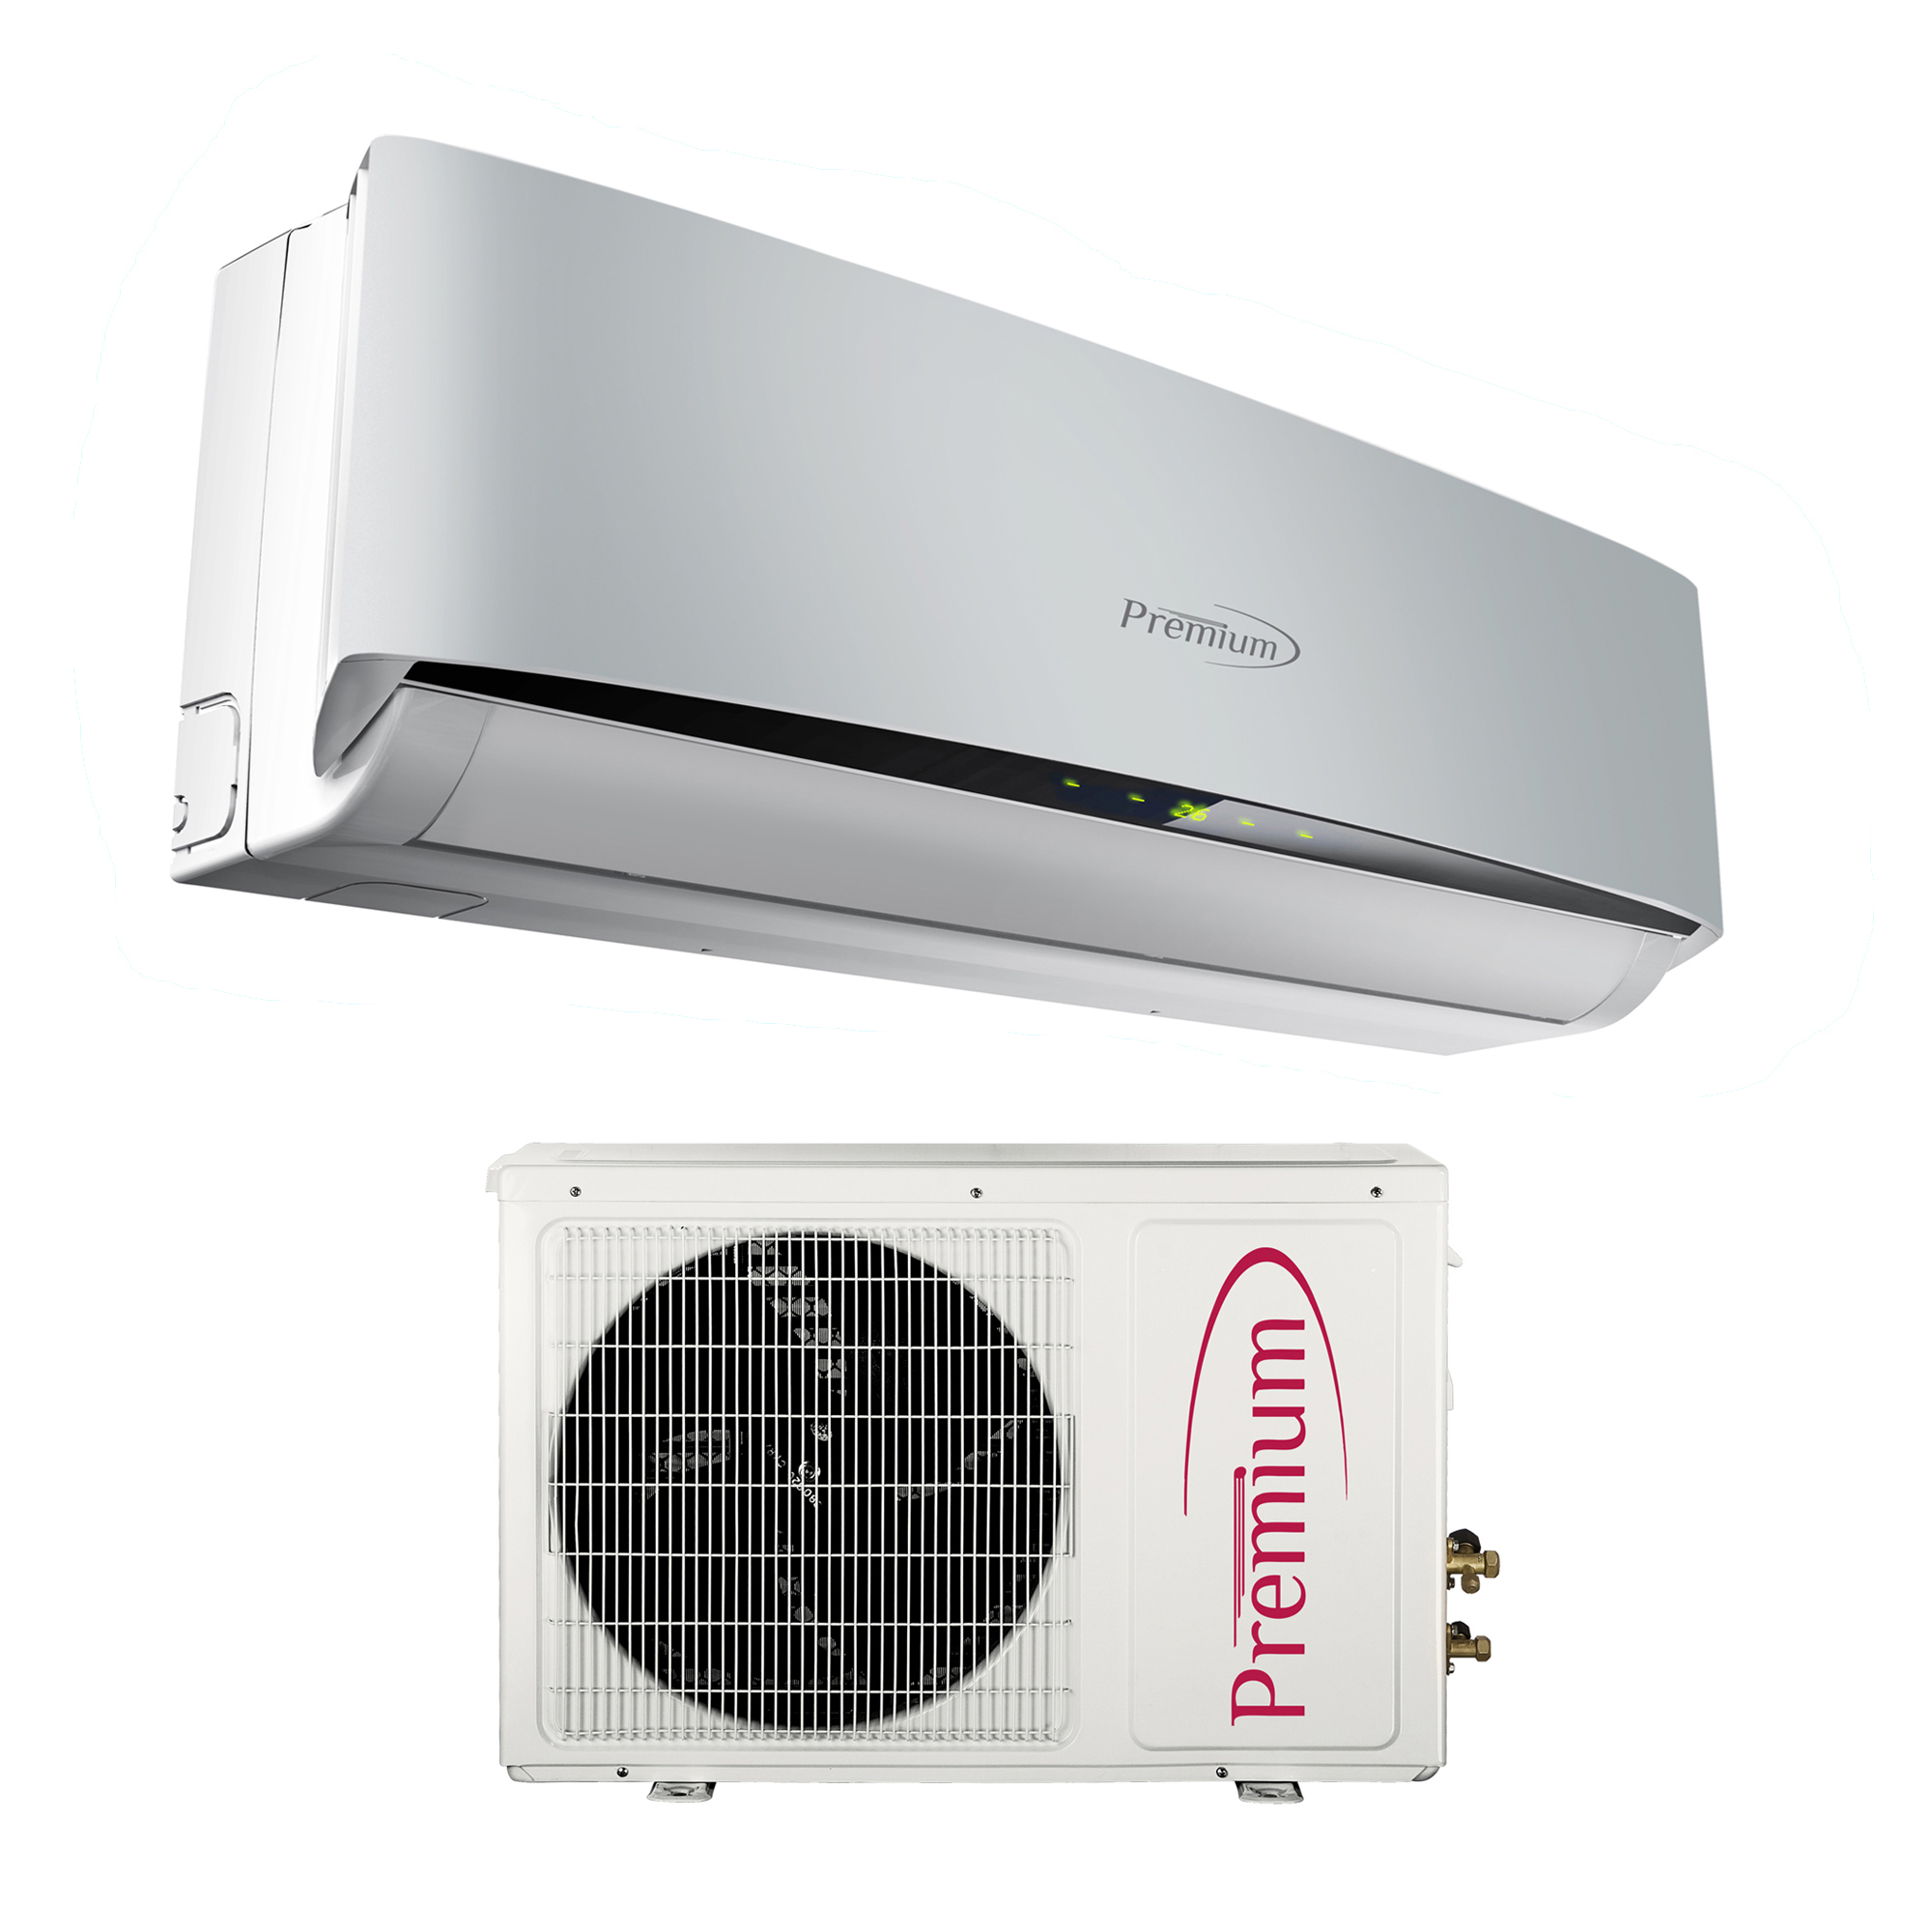 Aire acondicionado split premium xtreme de 18000 btu bs f - Precios split aire acondicionado ...